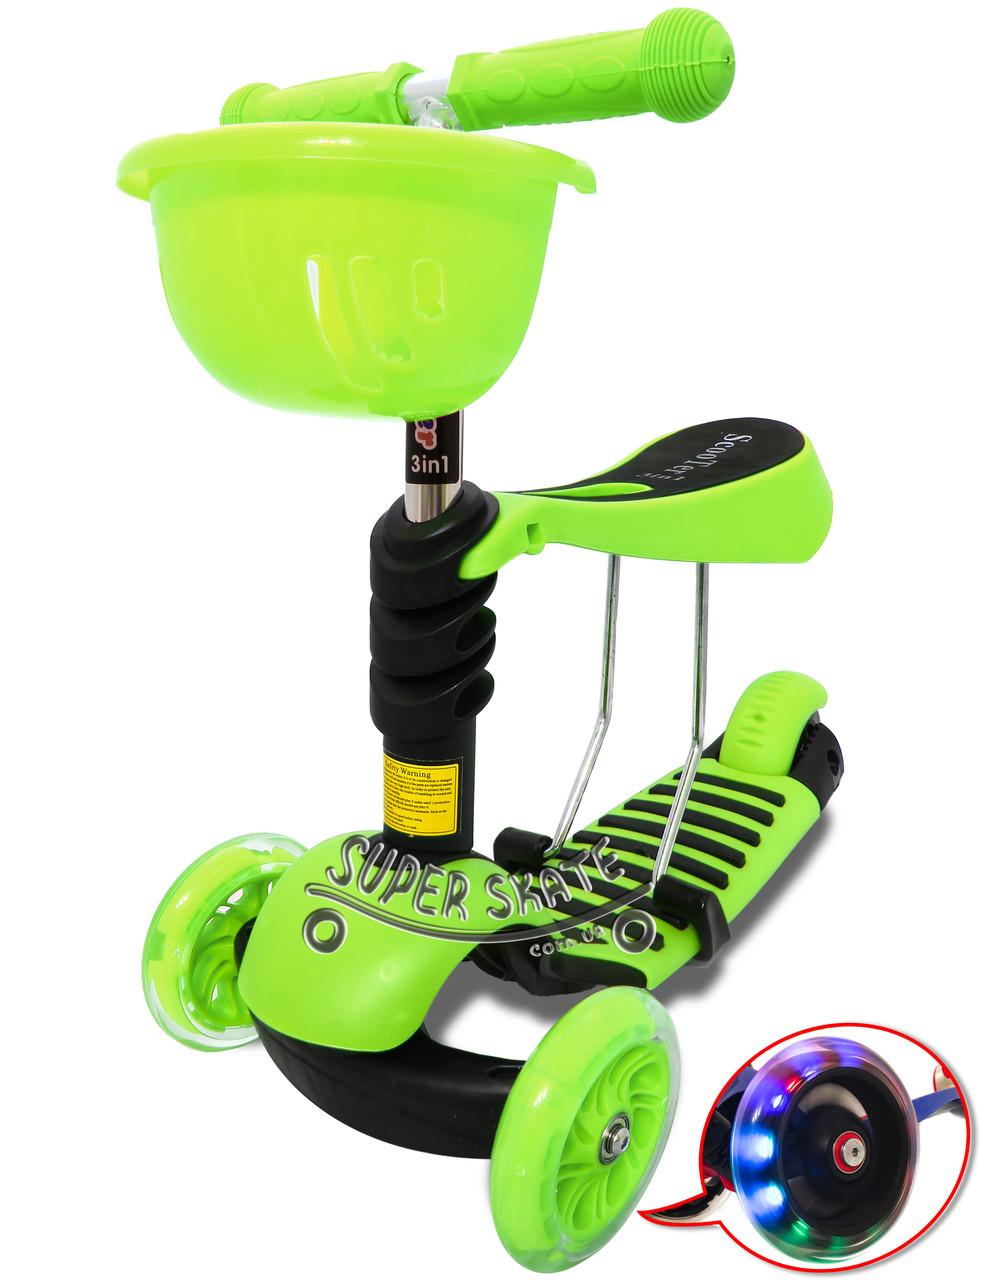 Детский Самокат Беговел с сиденьем и корзинкой Scooter Simple - 3в1 - Салатовый